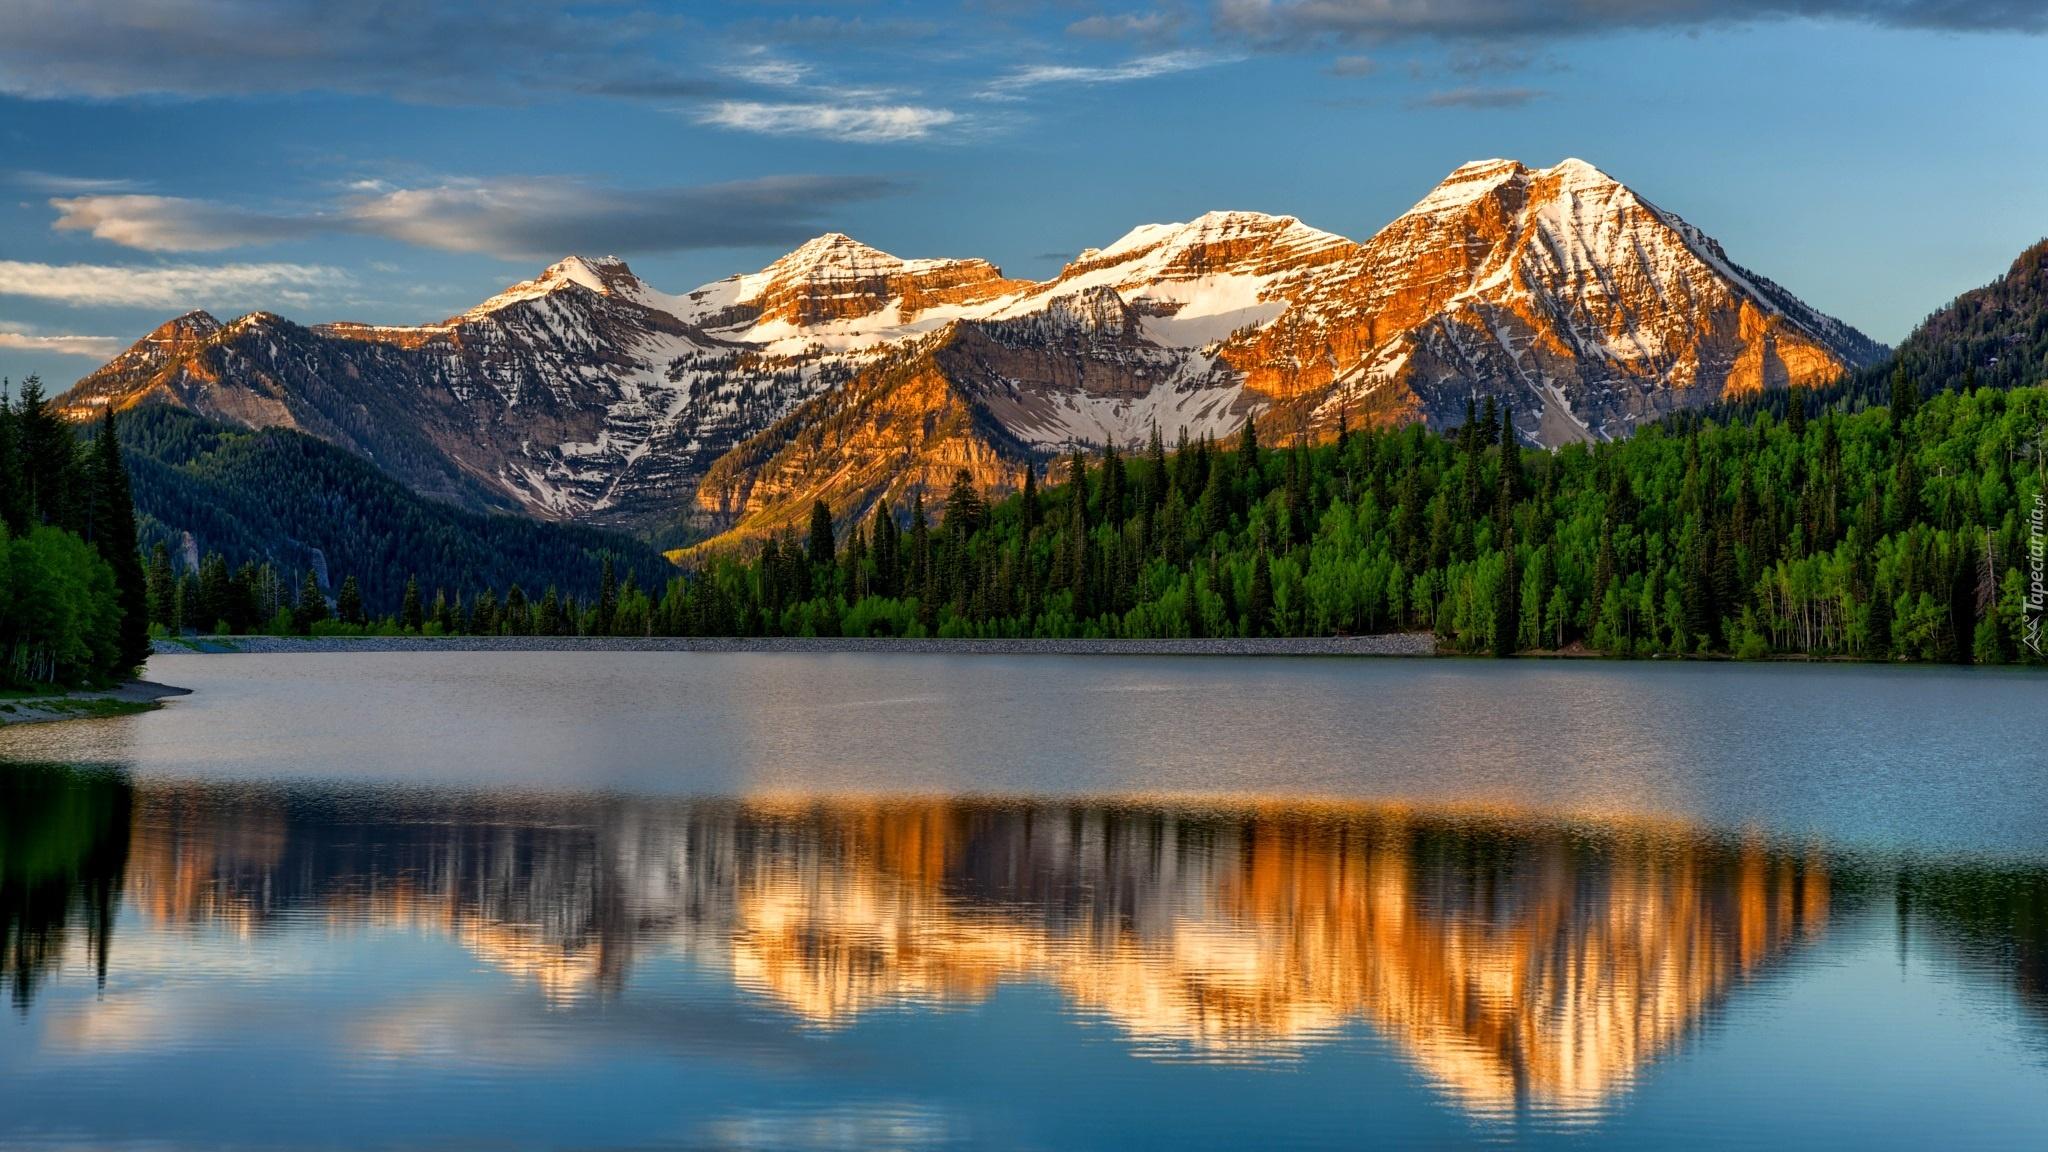 горы озеро дома отражение ландшафт онлайн